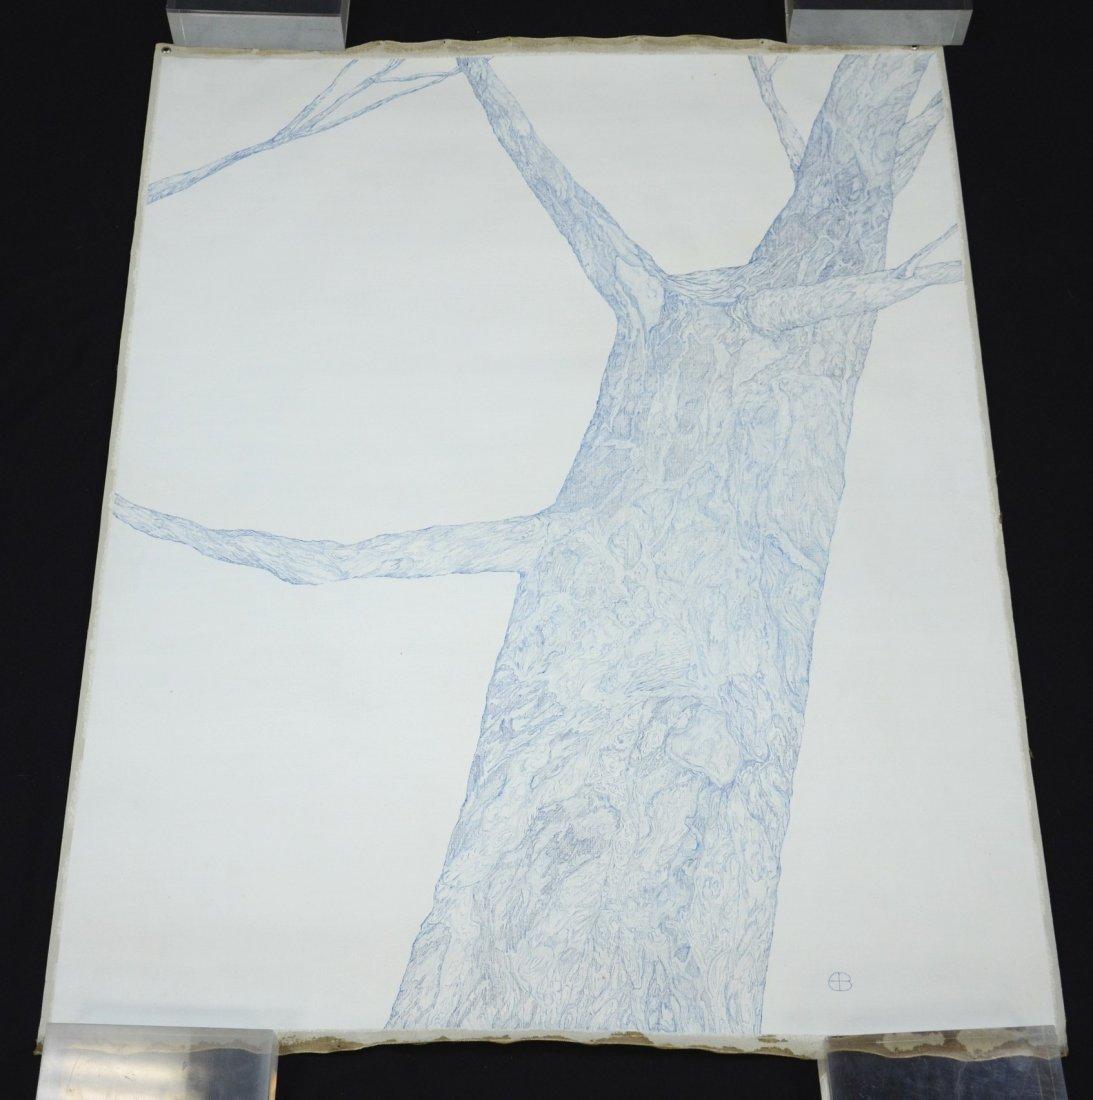 Edward Baynard (American, b 1940), oil on canvas, Study